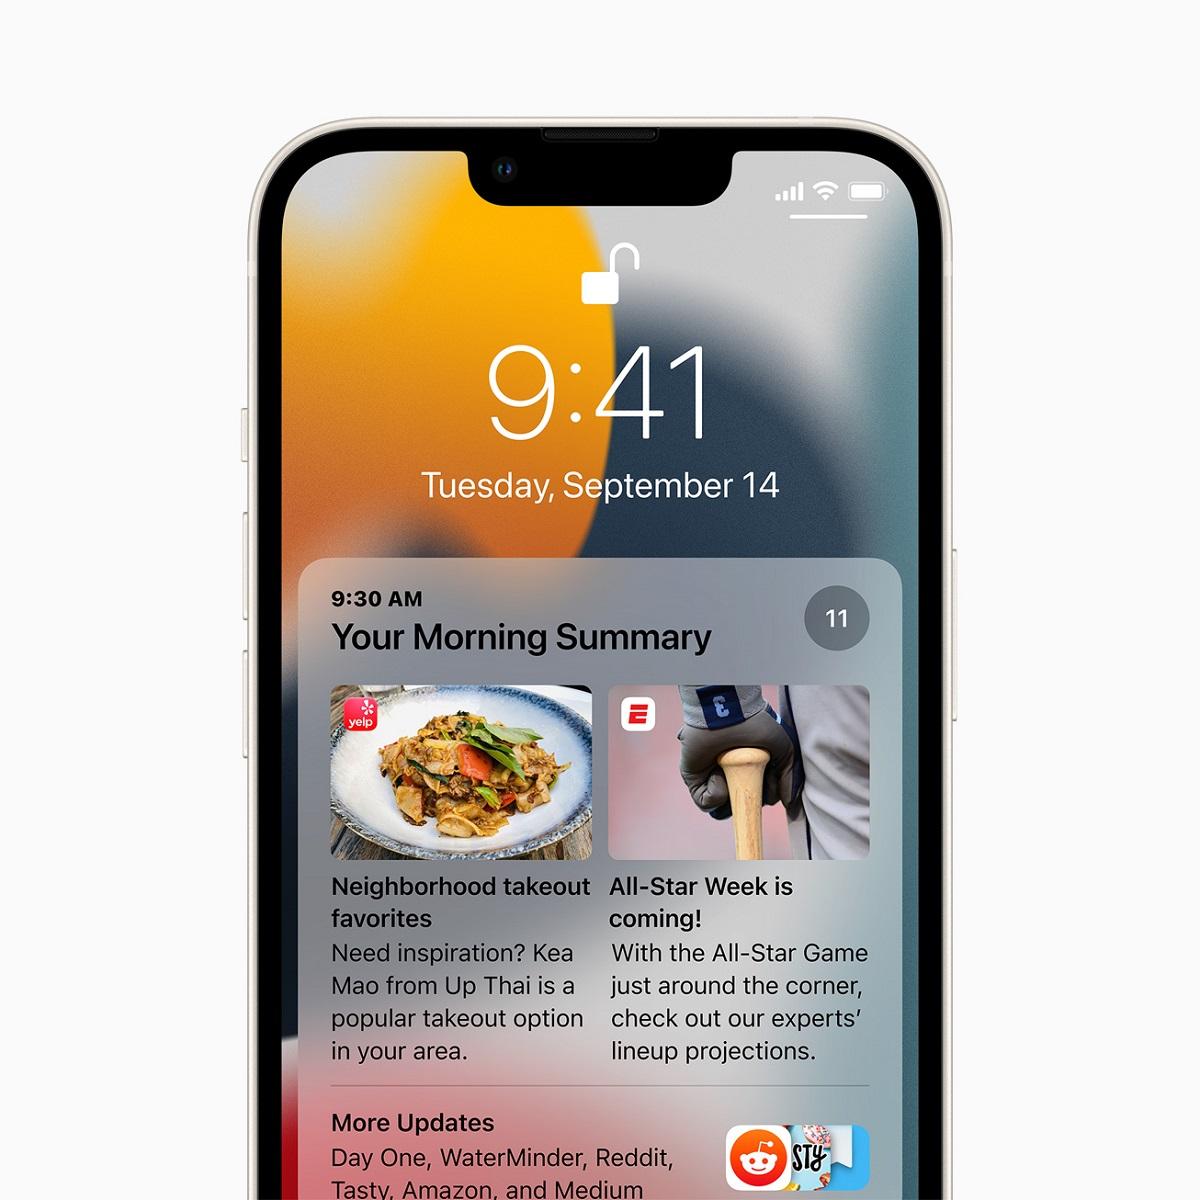 iOS 15 представляет сводку уведомлений, коллекцию уведомлений, доставляемых каждый день в выбранное пользователем время.